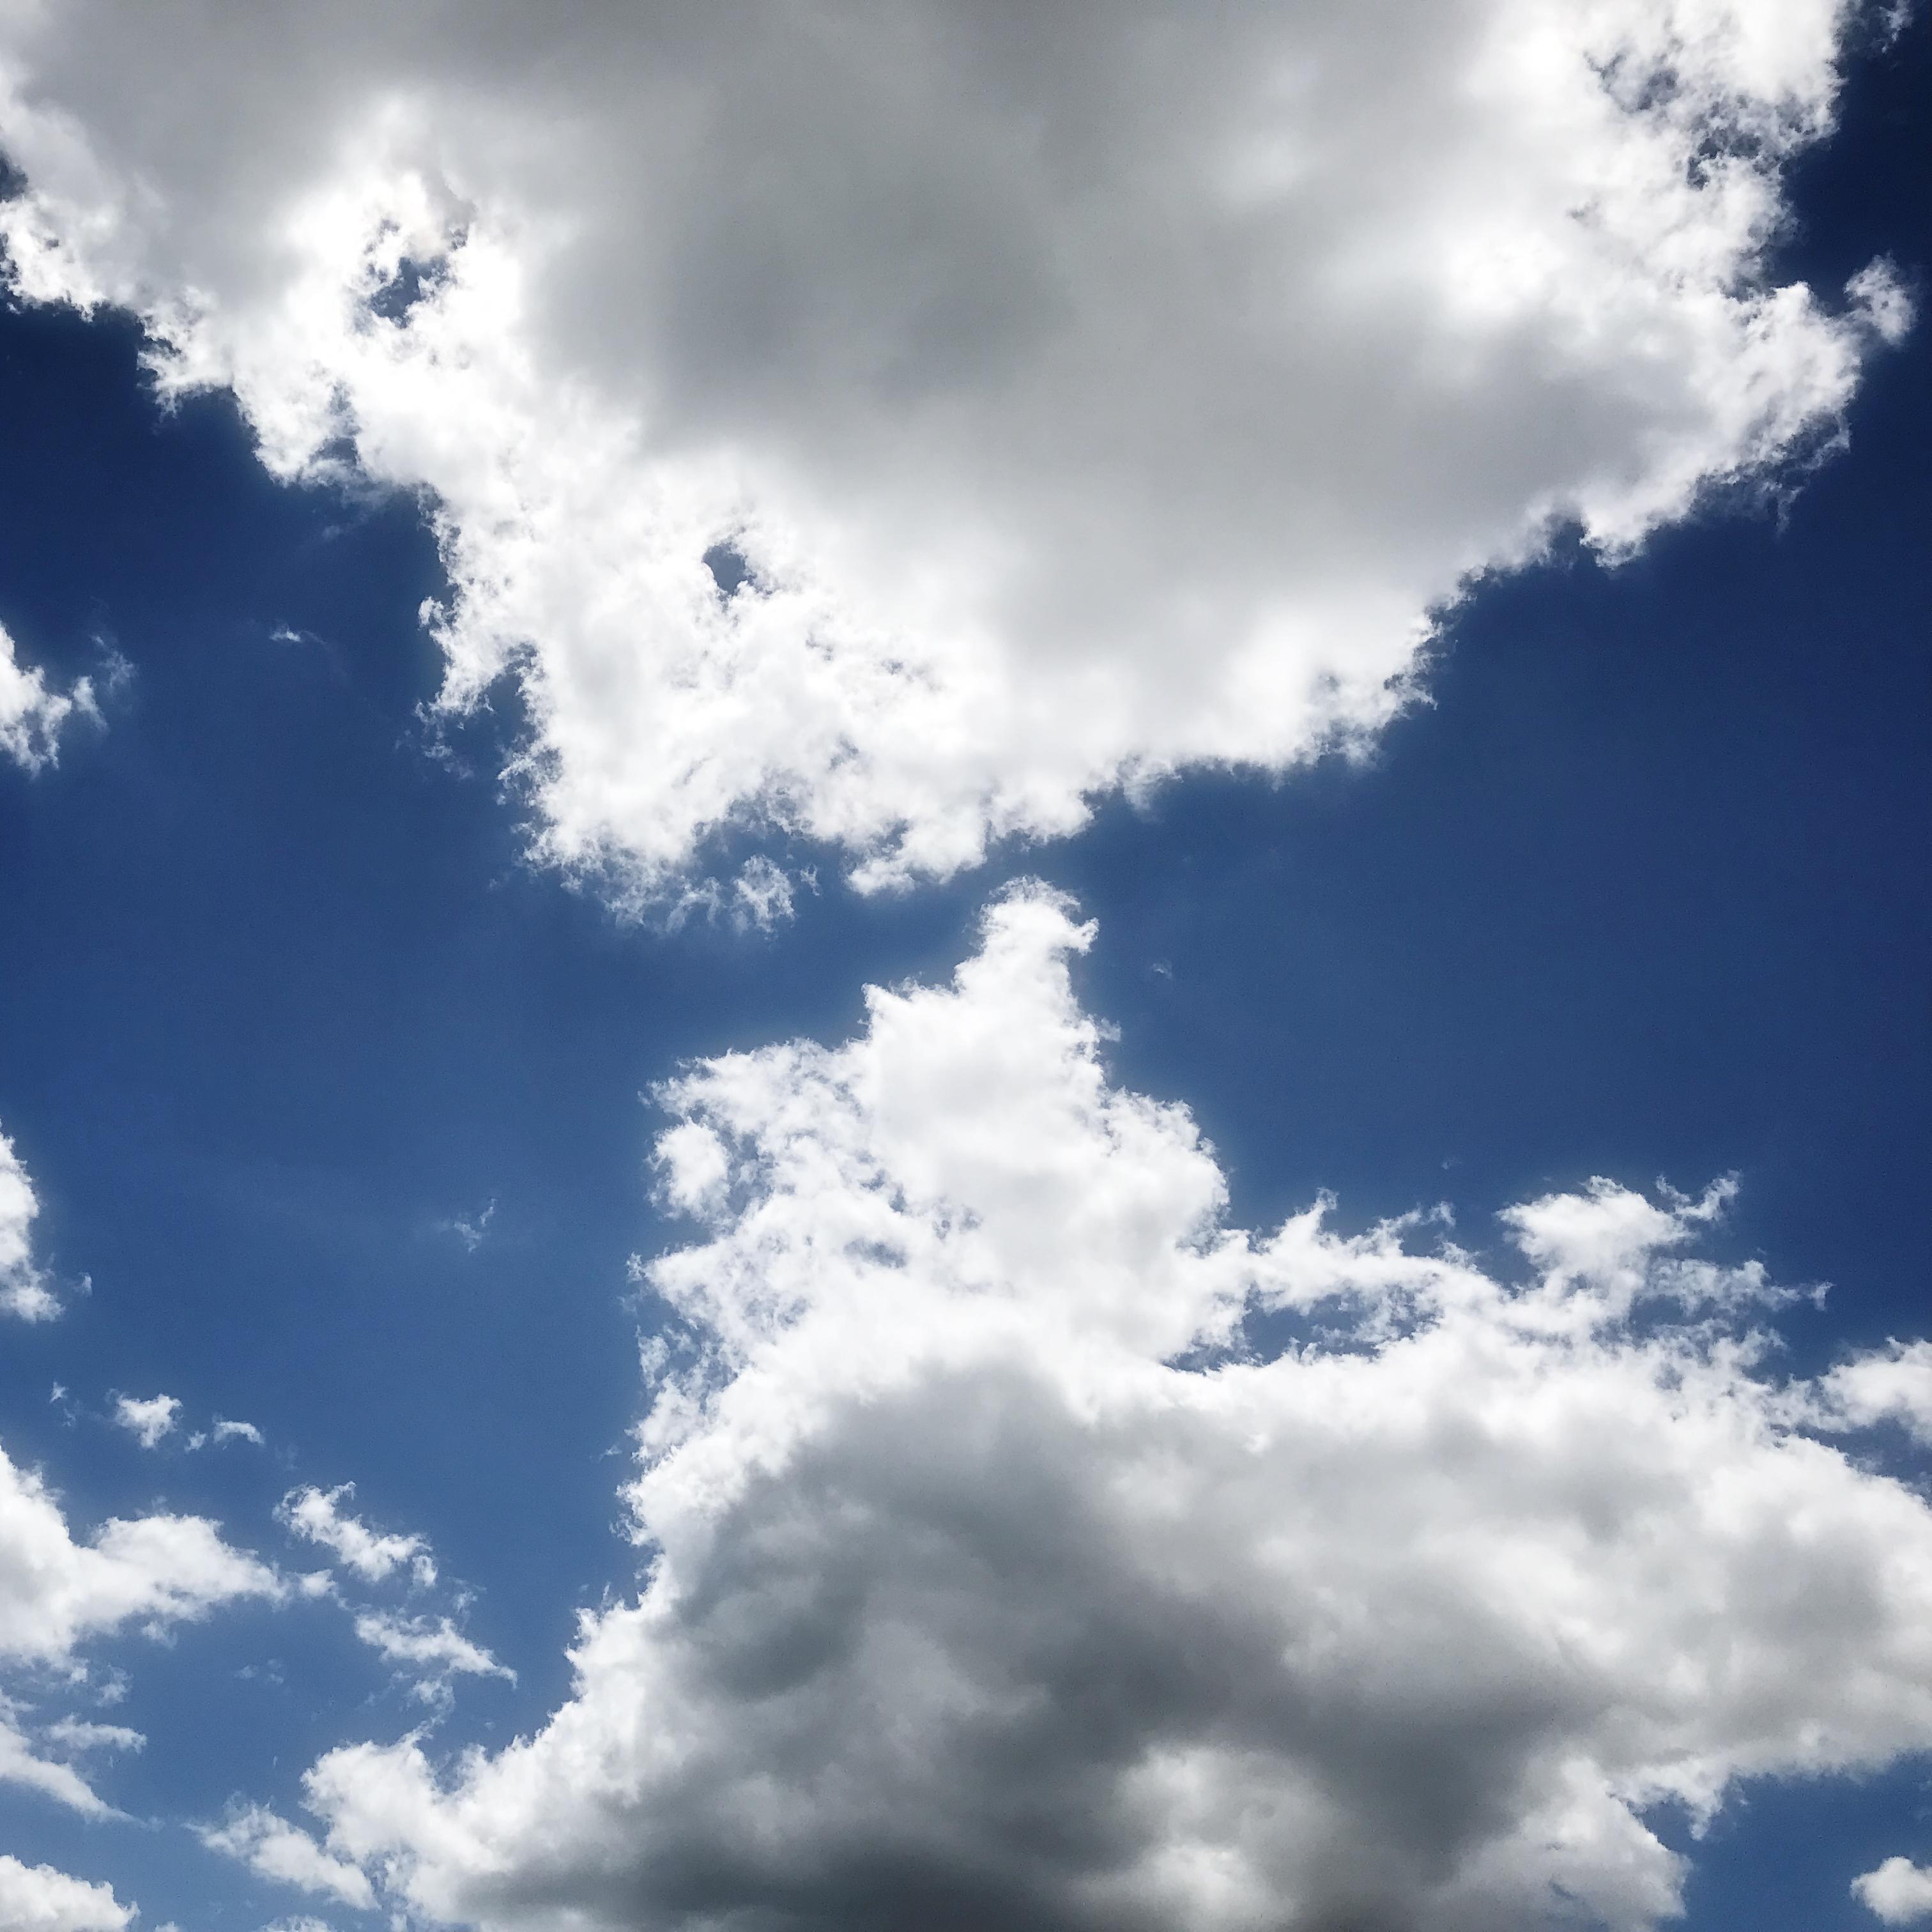 Clouds Squared 1